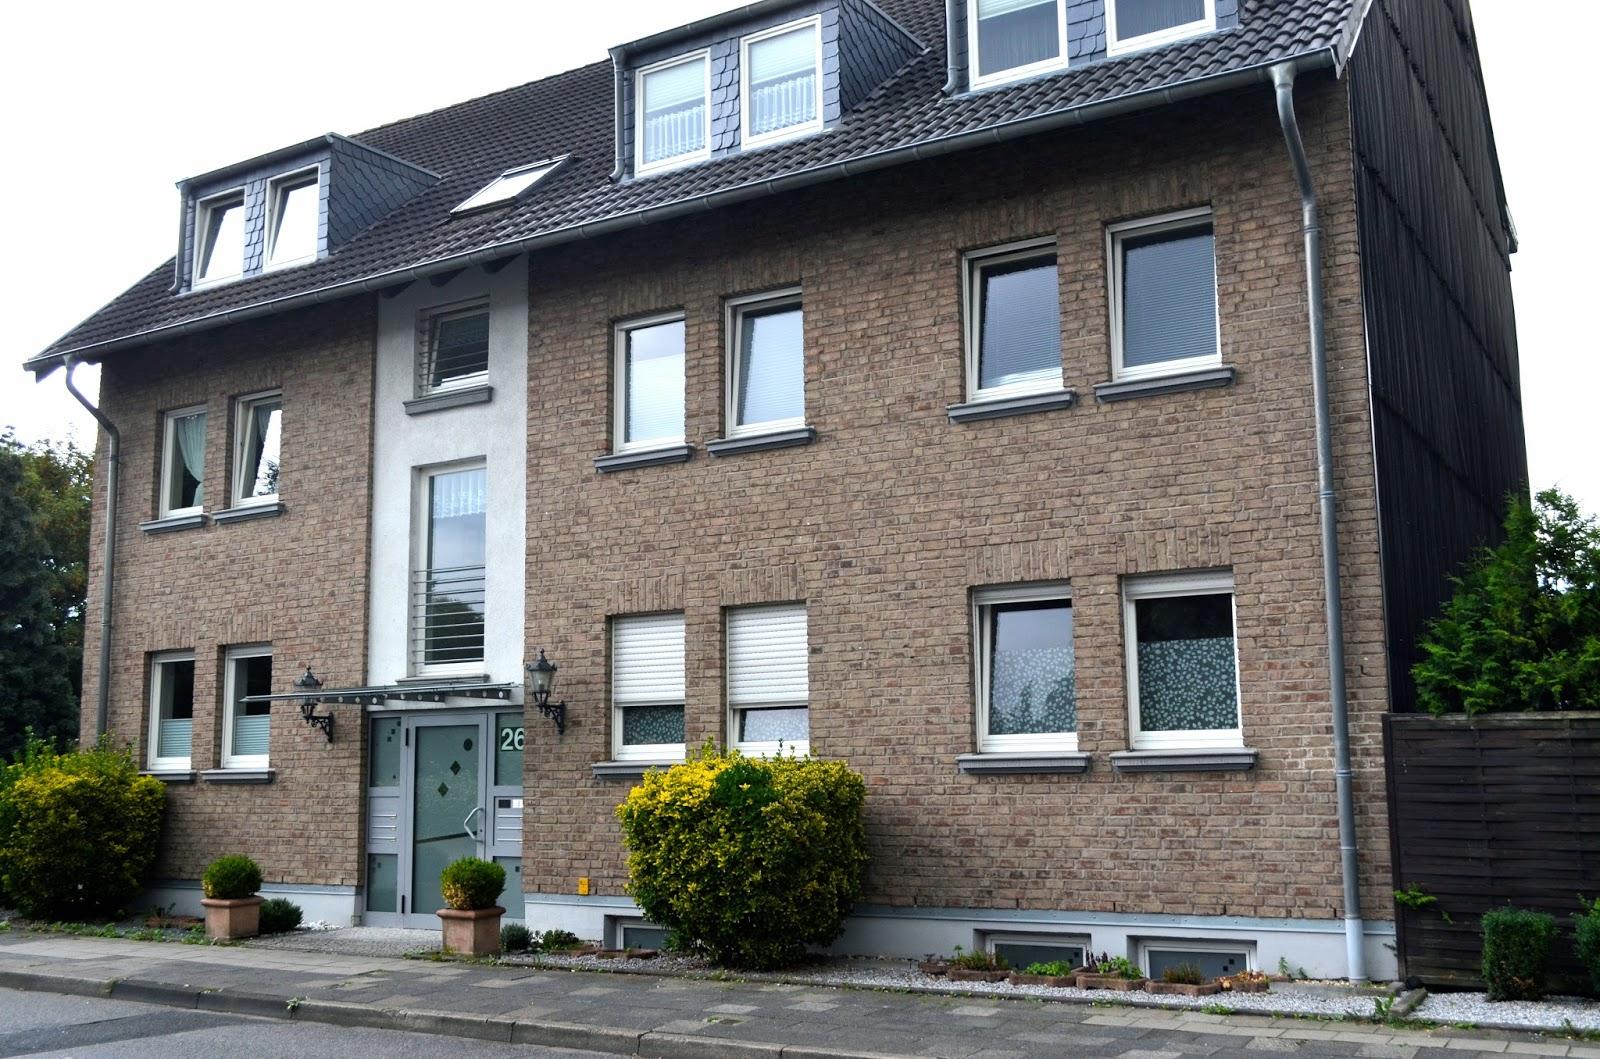 Real Estate Mieten Sie Wohnimmobilien Des Schloss Nörvenich